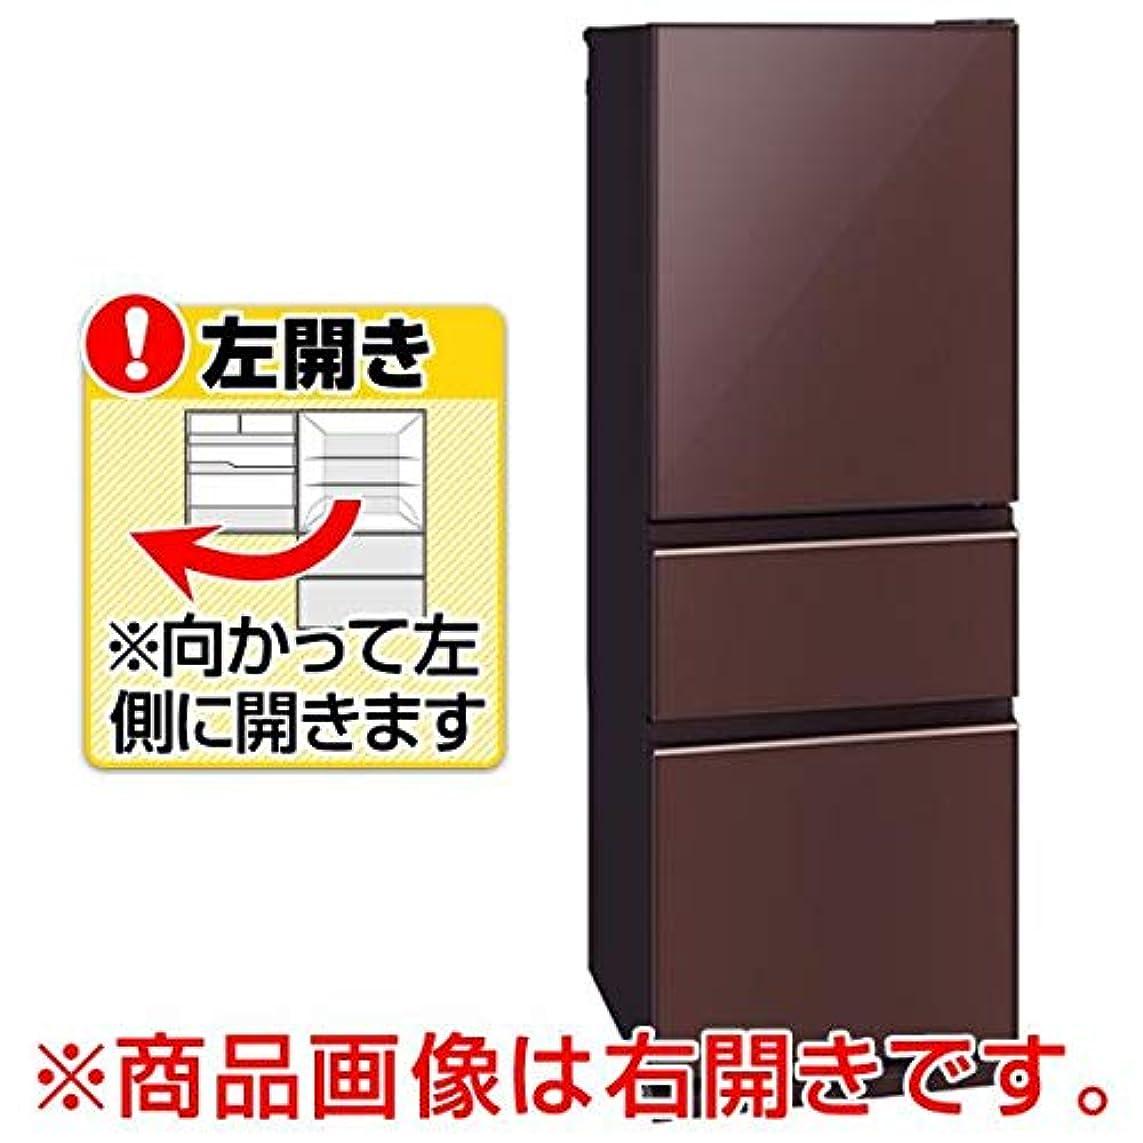 プレゼンターシンボルペインティング三菱 330L 3ドア冷蔵庫(ナチュラルブラウン)【左開き】MITSUBISHI MR-CG33EL-T